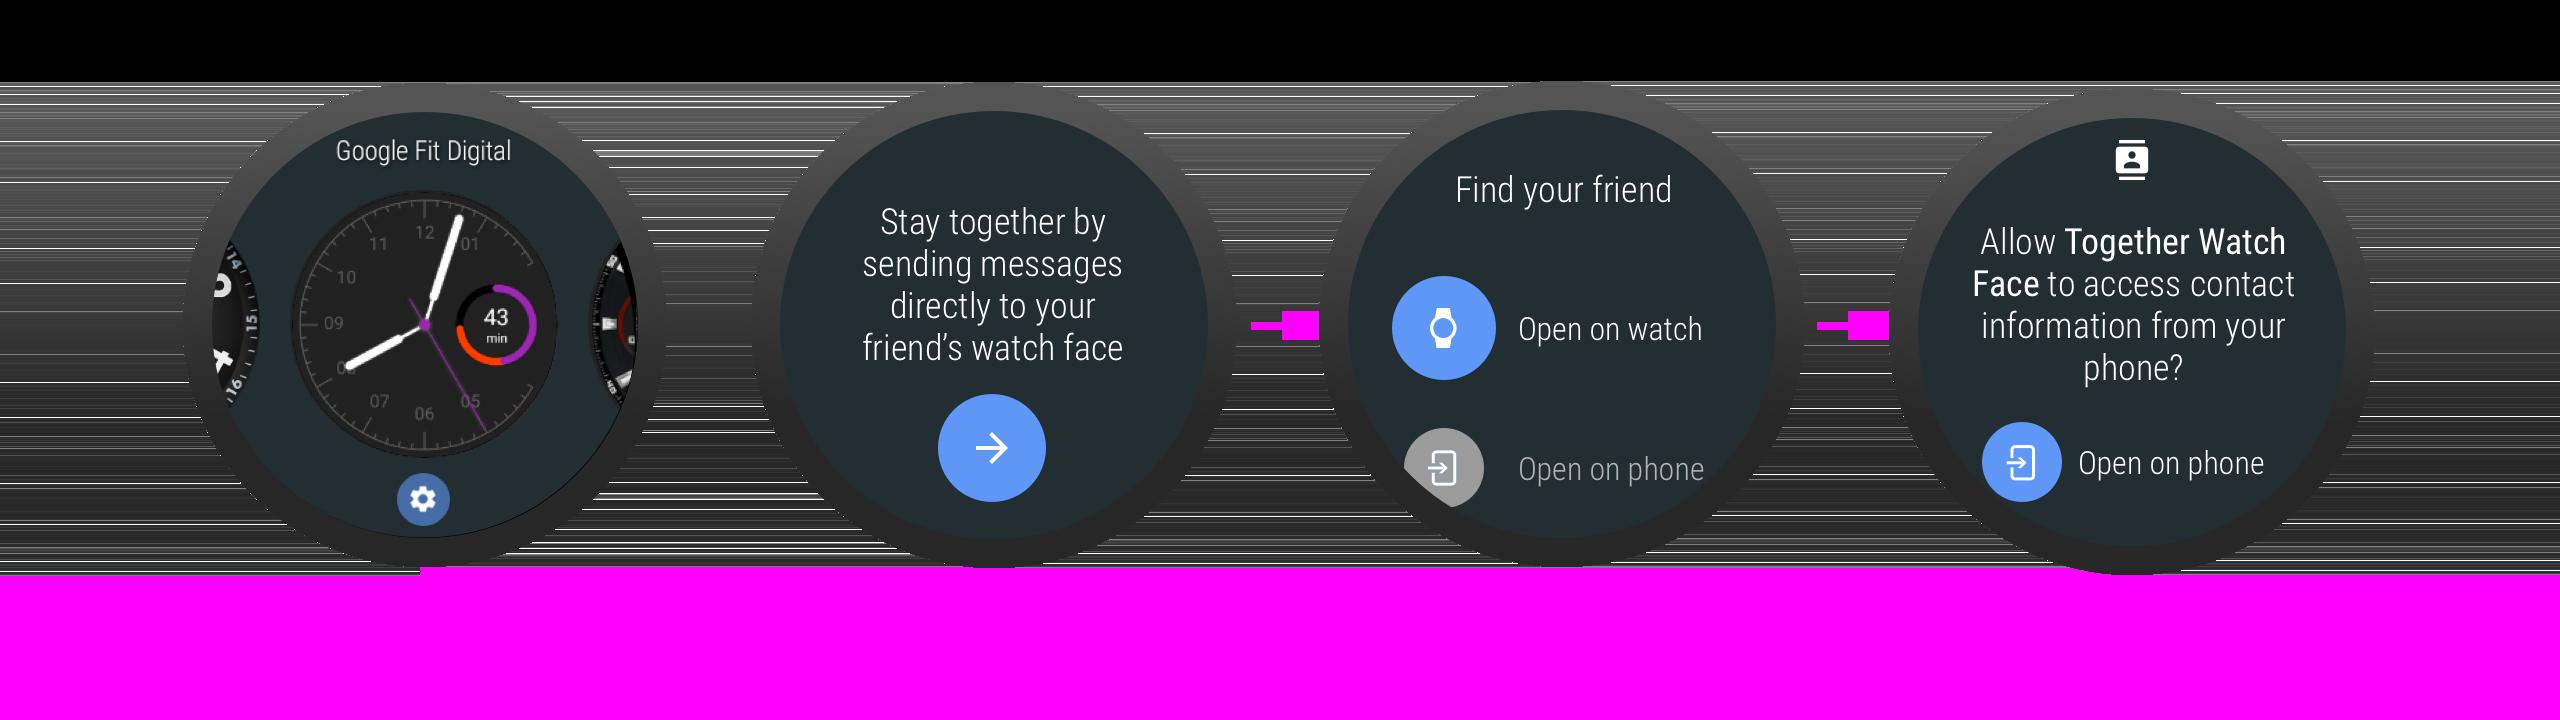 在启动时请求权限时,应用可以解释它为何需要此权限。